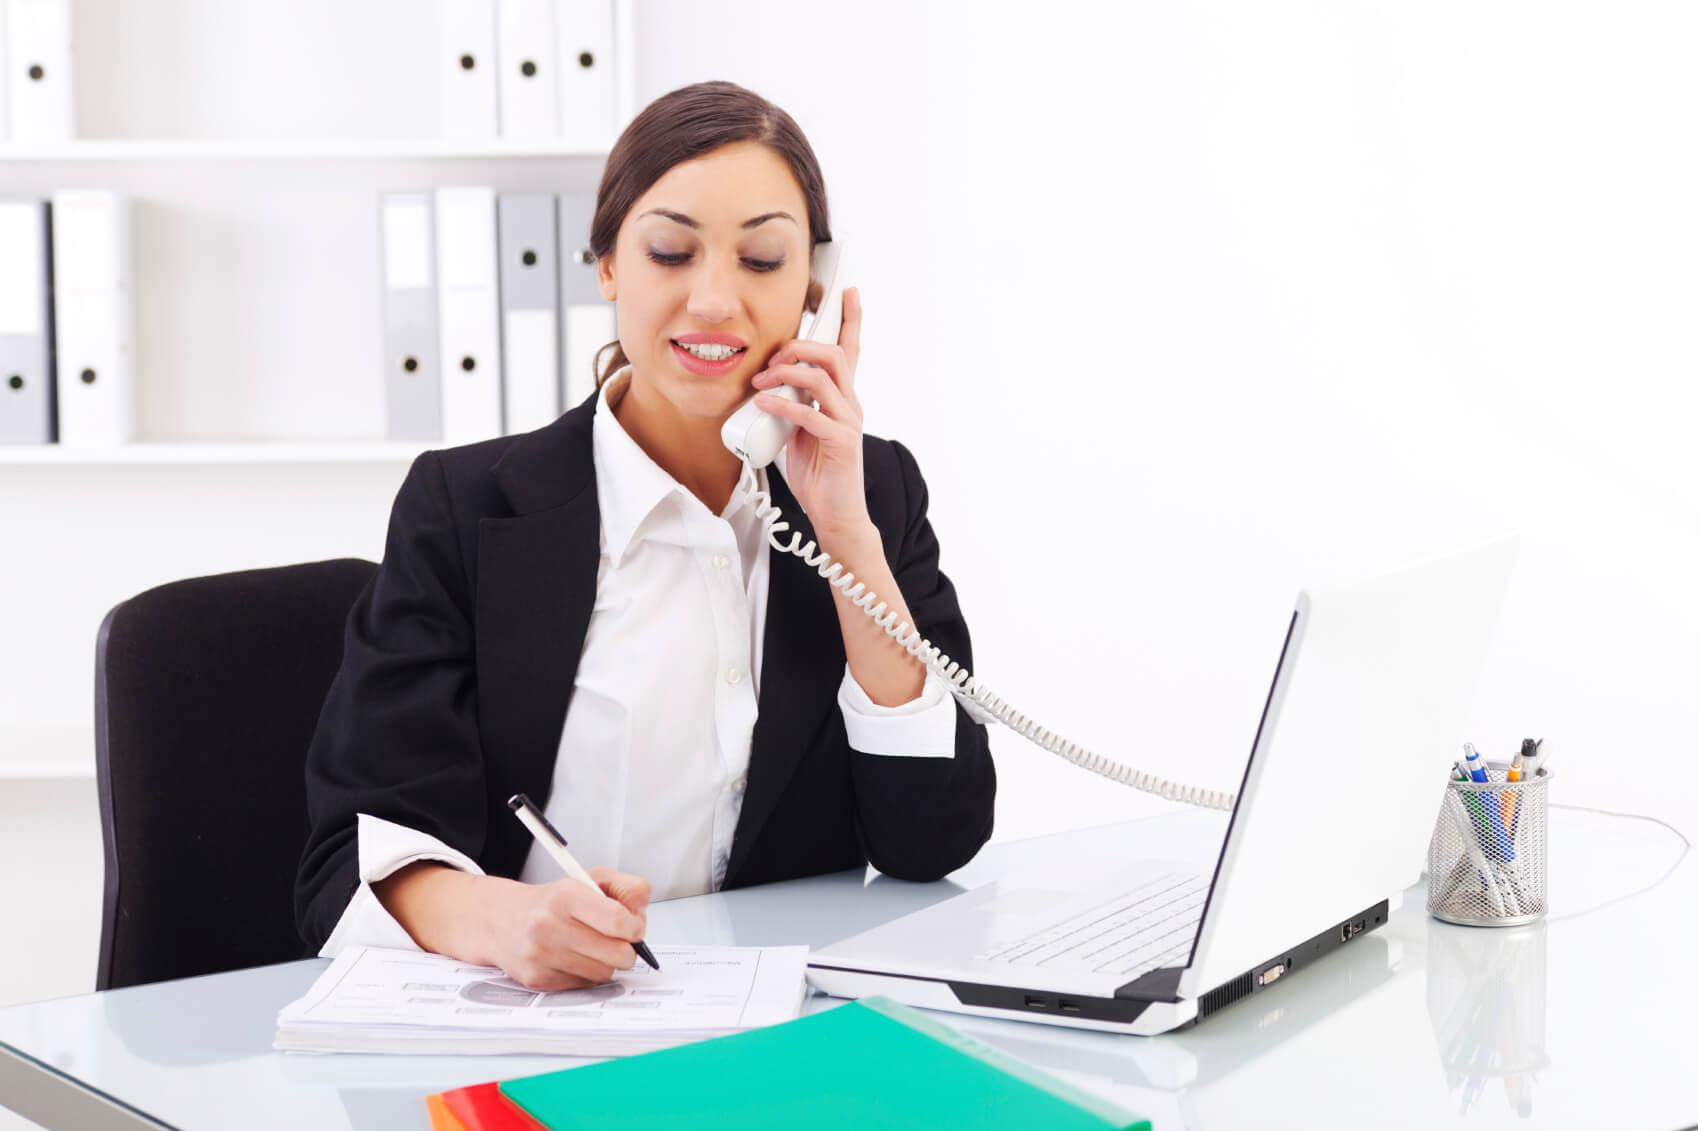 5 kỹ năng cần thiết của nhân viên chăm sóc khách hàng là gì?